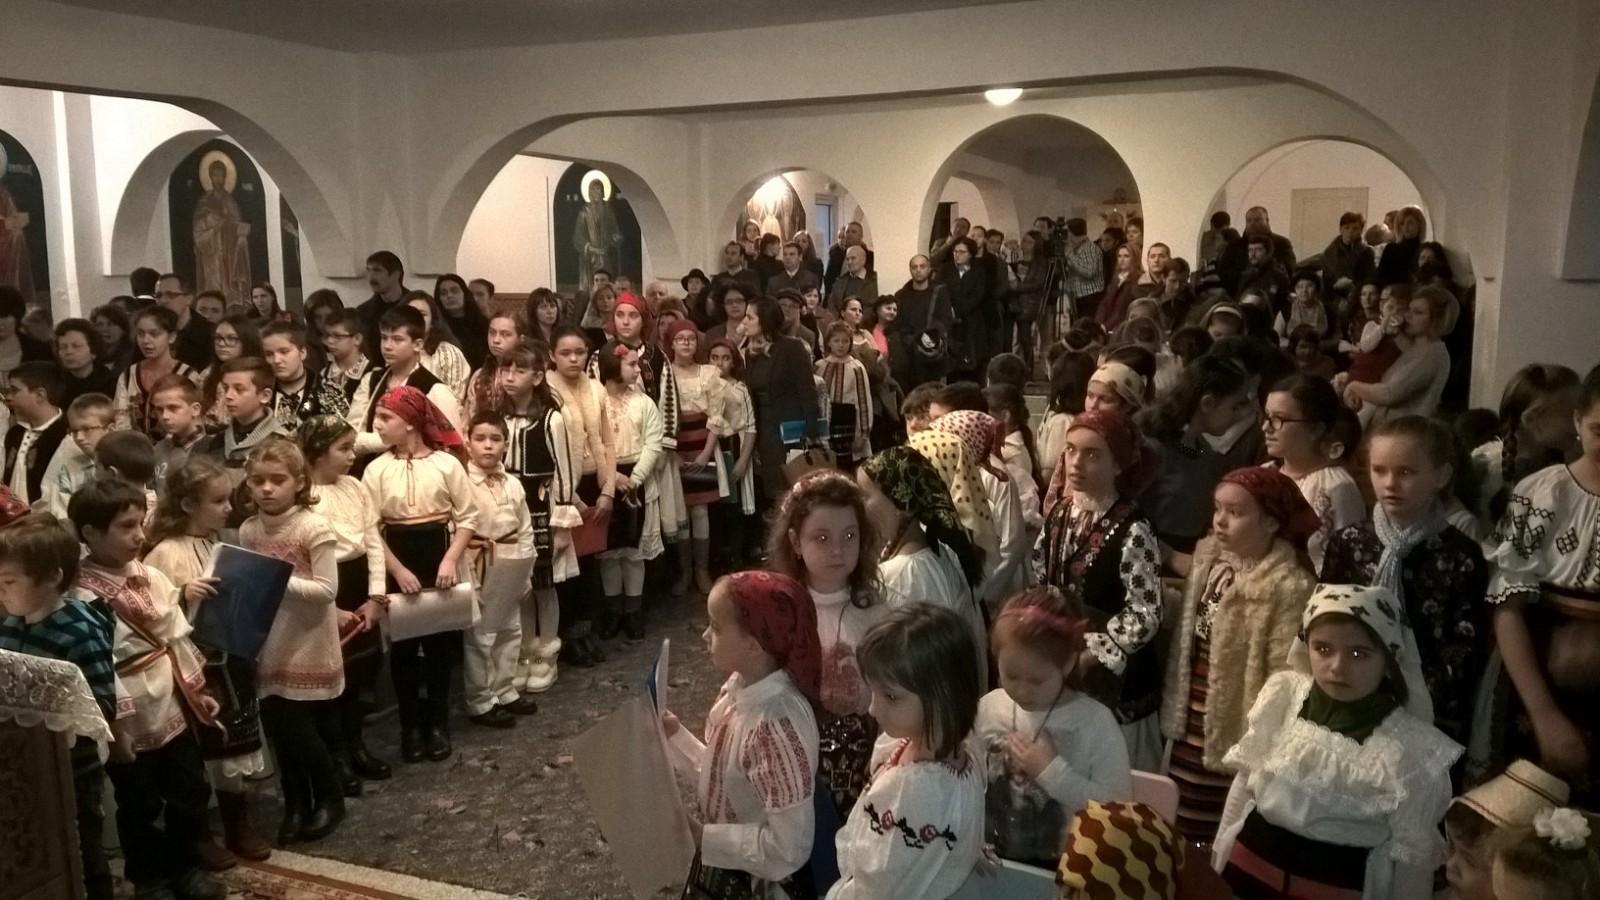 Concert de colinde și expoziție de icoane, darurile micilor creștini clujeni pentru Sfântul Nicolae